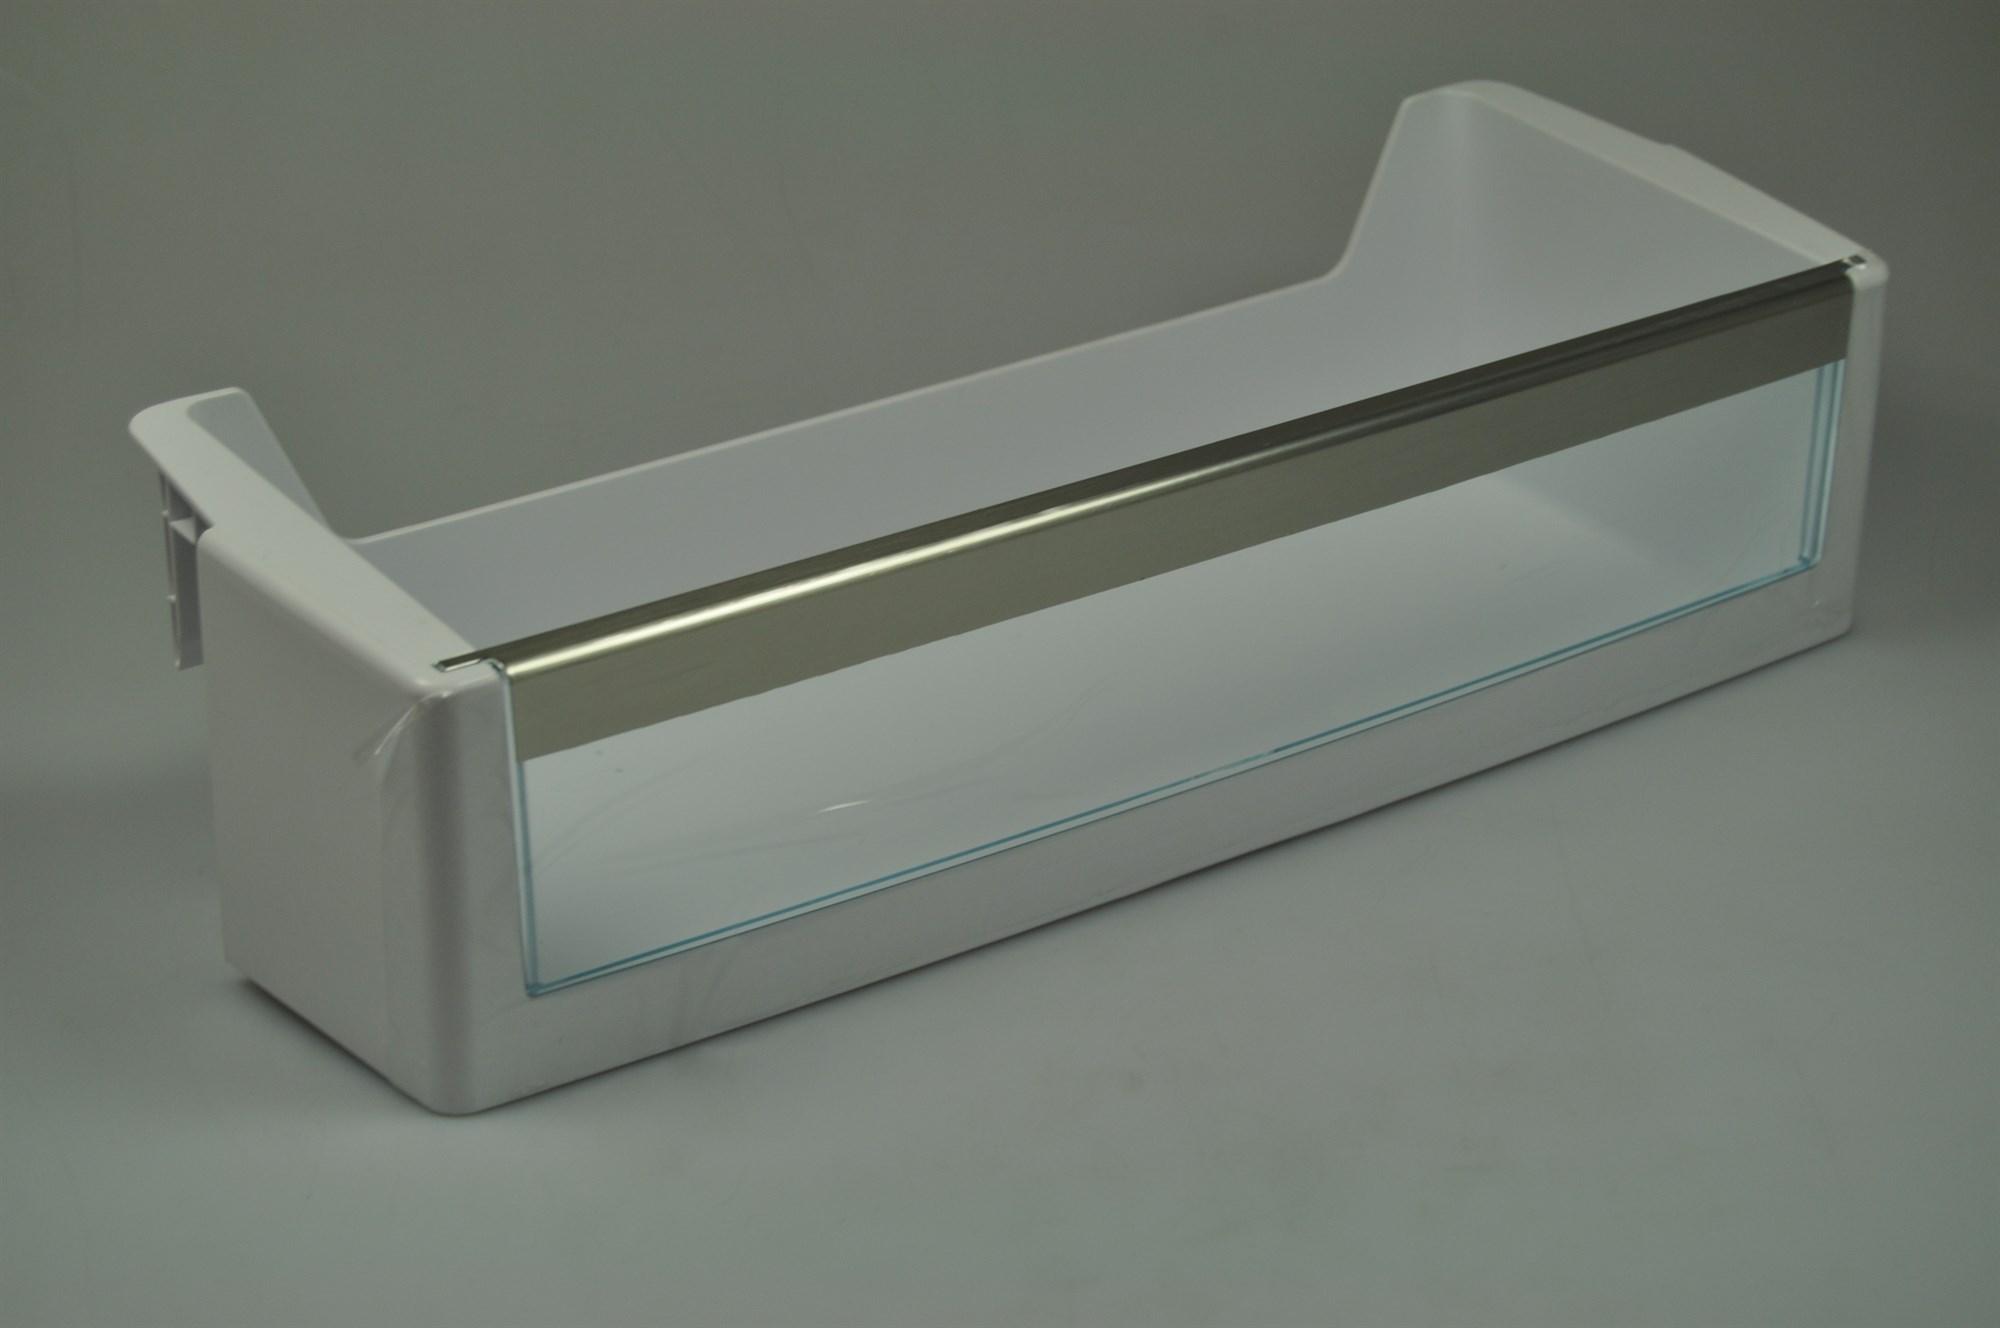 Kühlschrank Türfach : Türfach bosch side by side kühlschrank mm mm mm